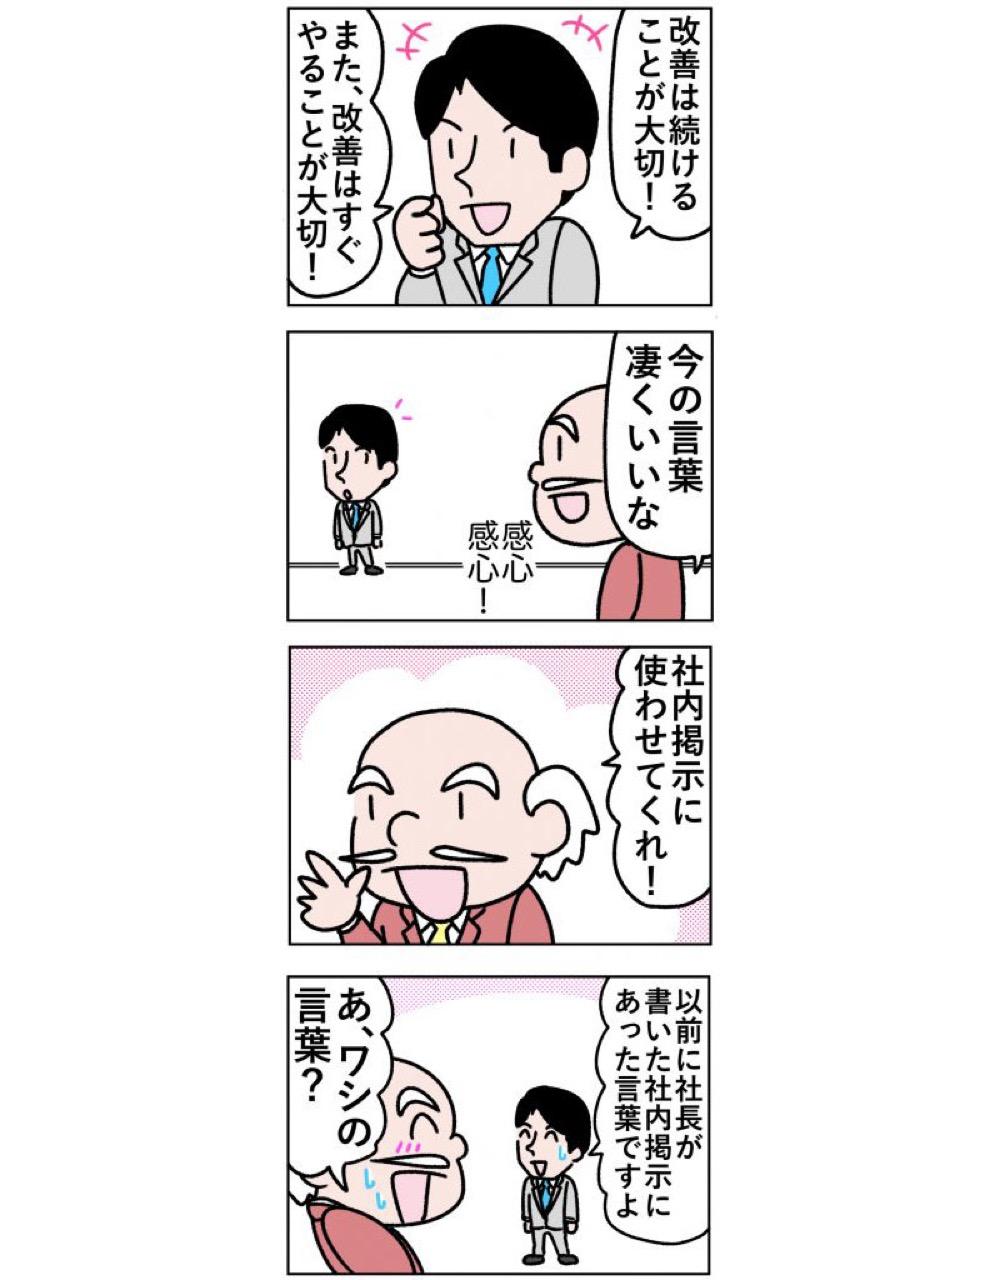 柿内_中国_001